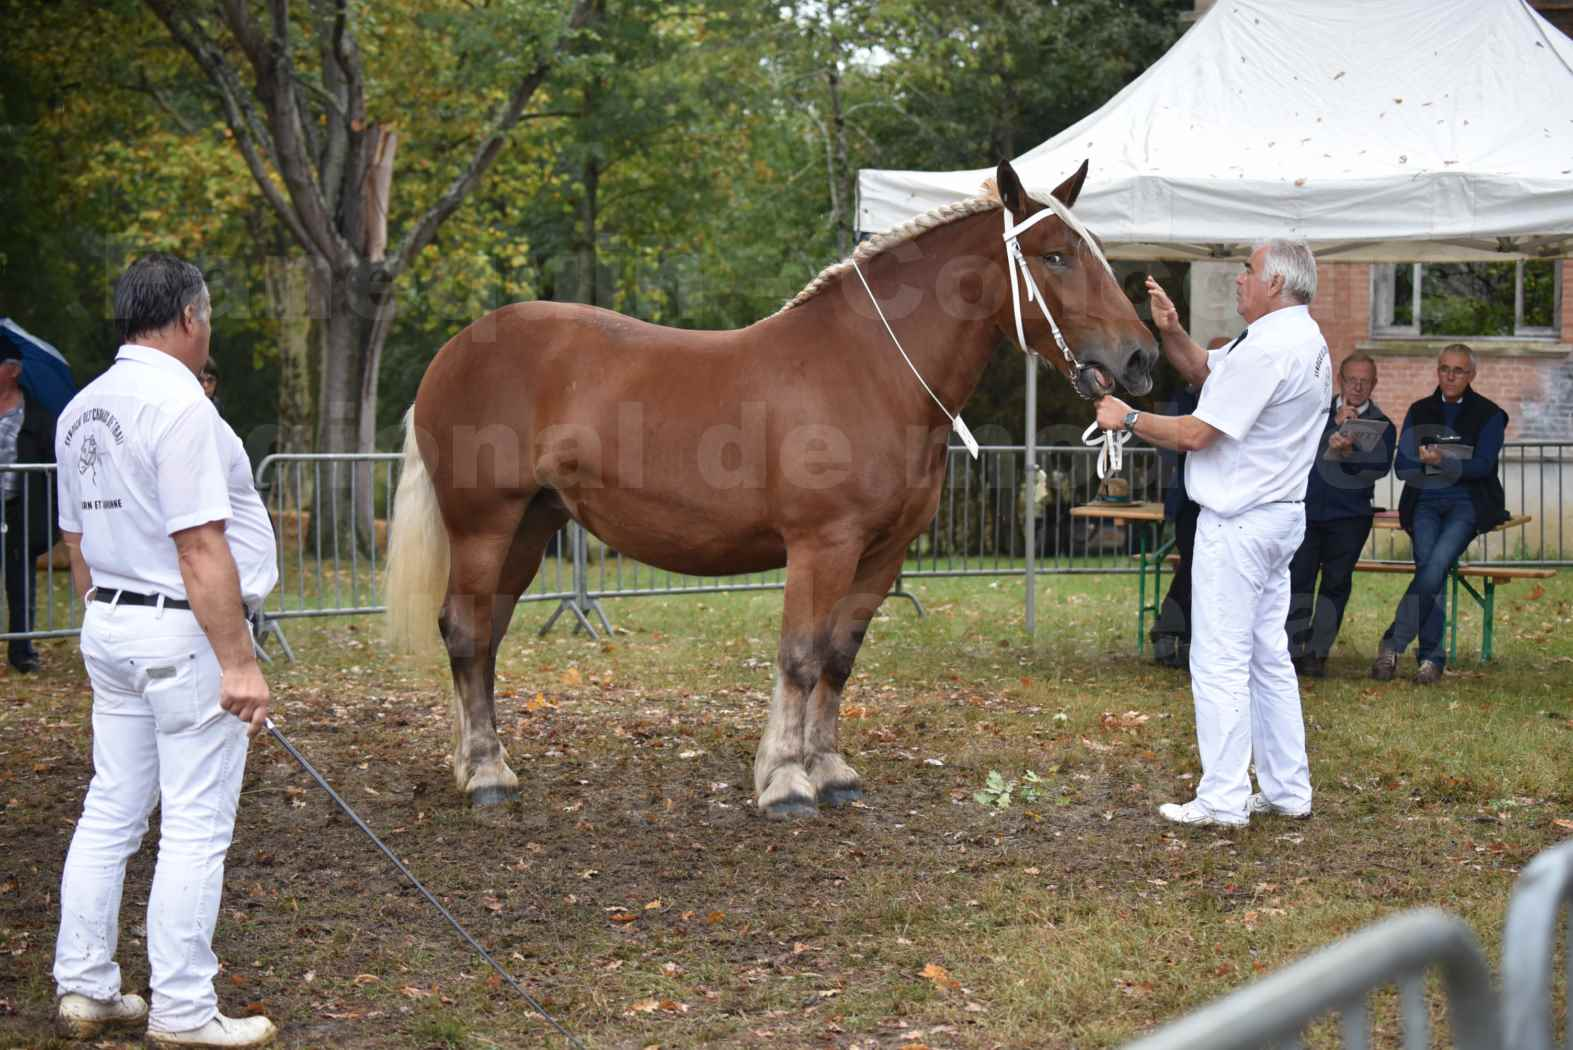 Concours Régional de chevaux de traits en 2017 - Trait COMTOIS - ELLIA DE FENEYROLS - 05